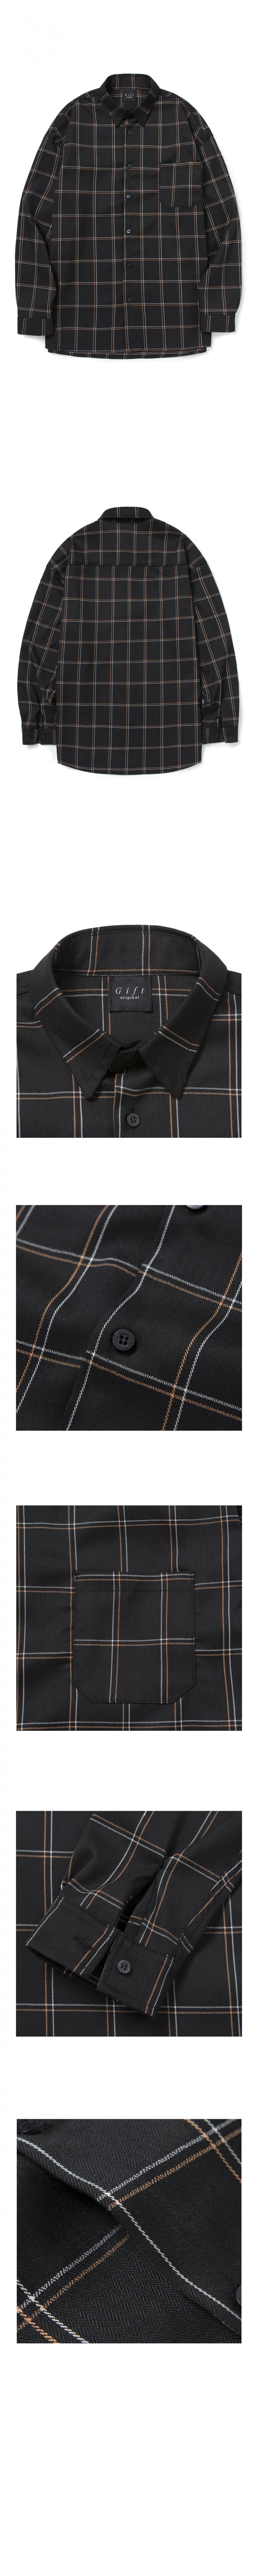 기프트오리지널(GIFTORIGINAL) (UNISEX) 아트 체크 셔츠